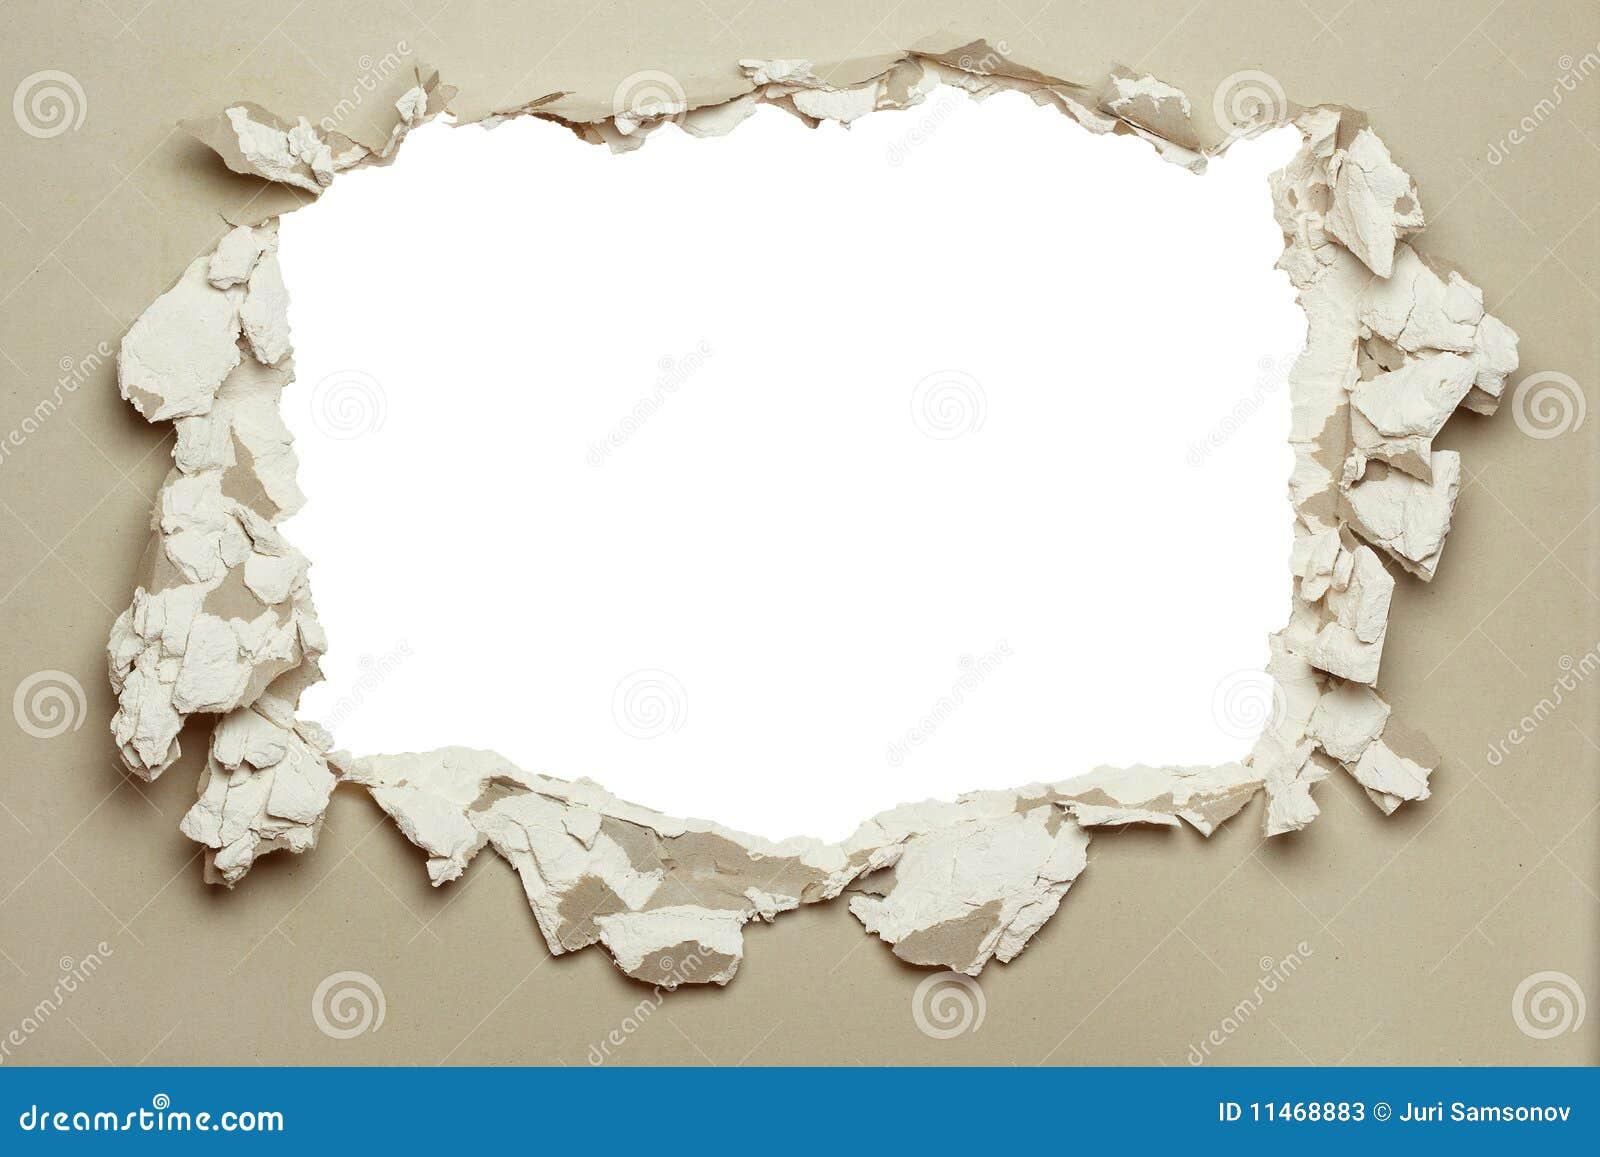 Furo no plasterboard cinzento.